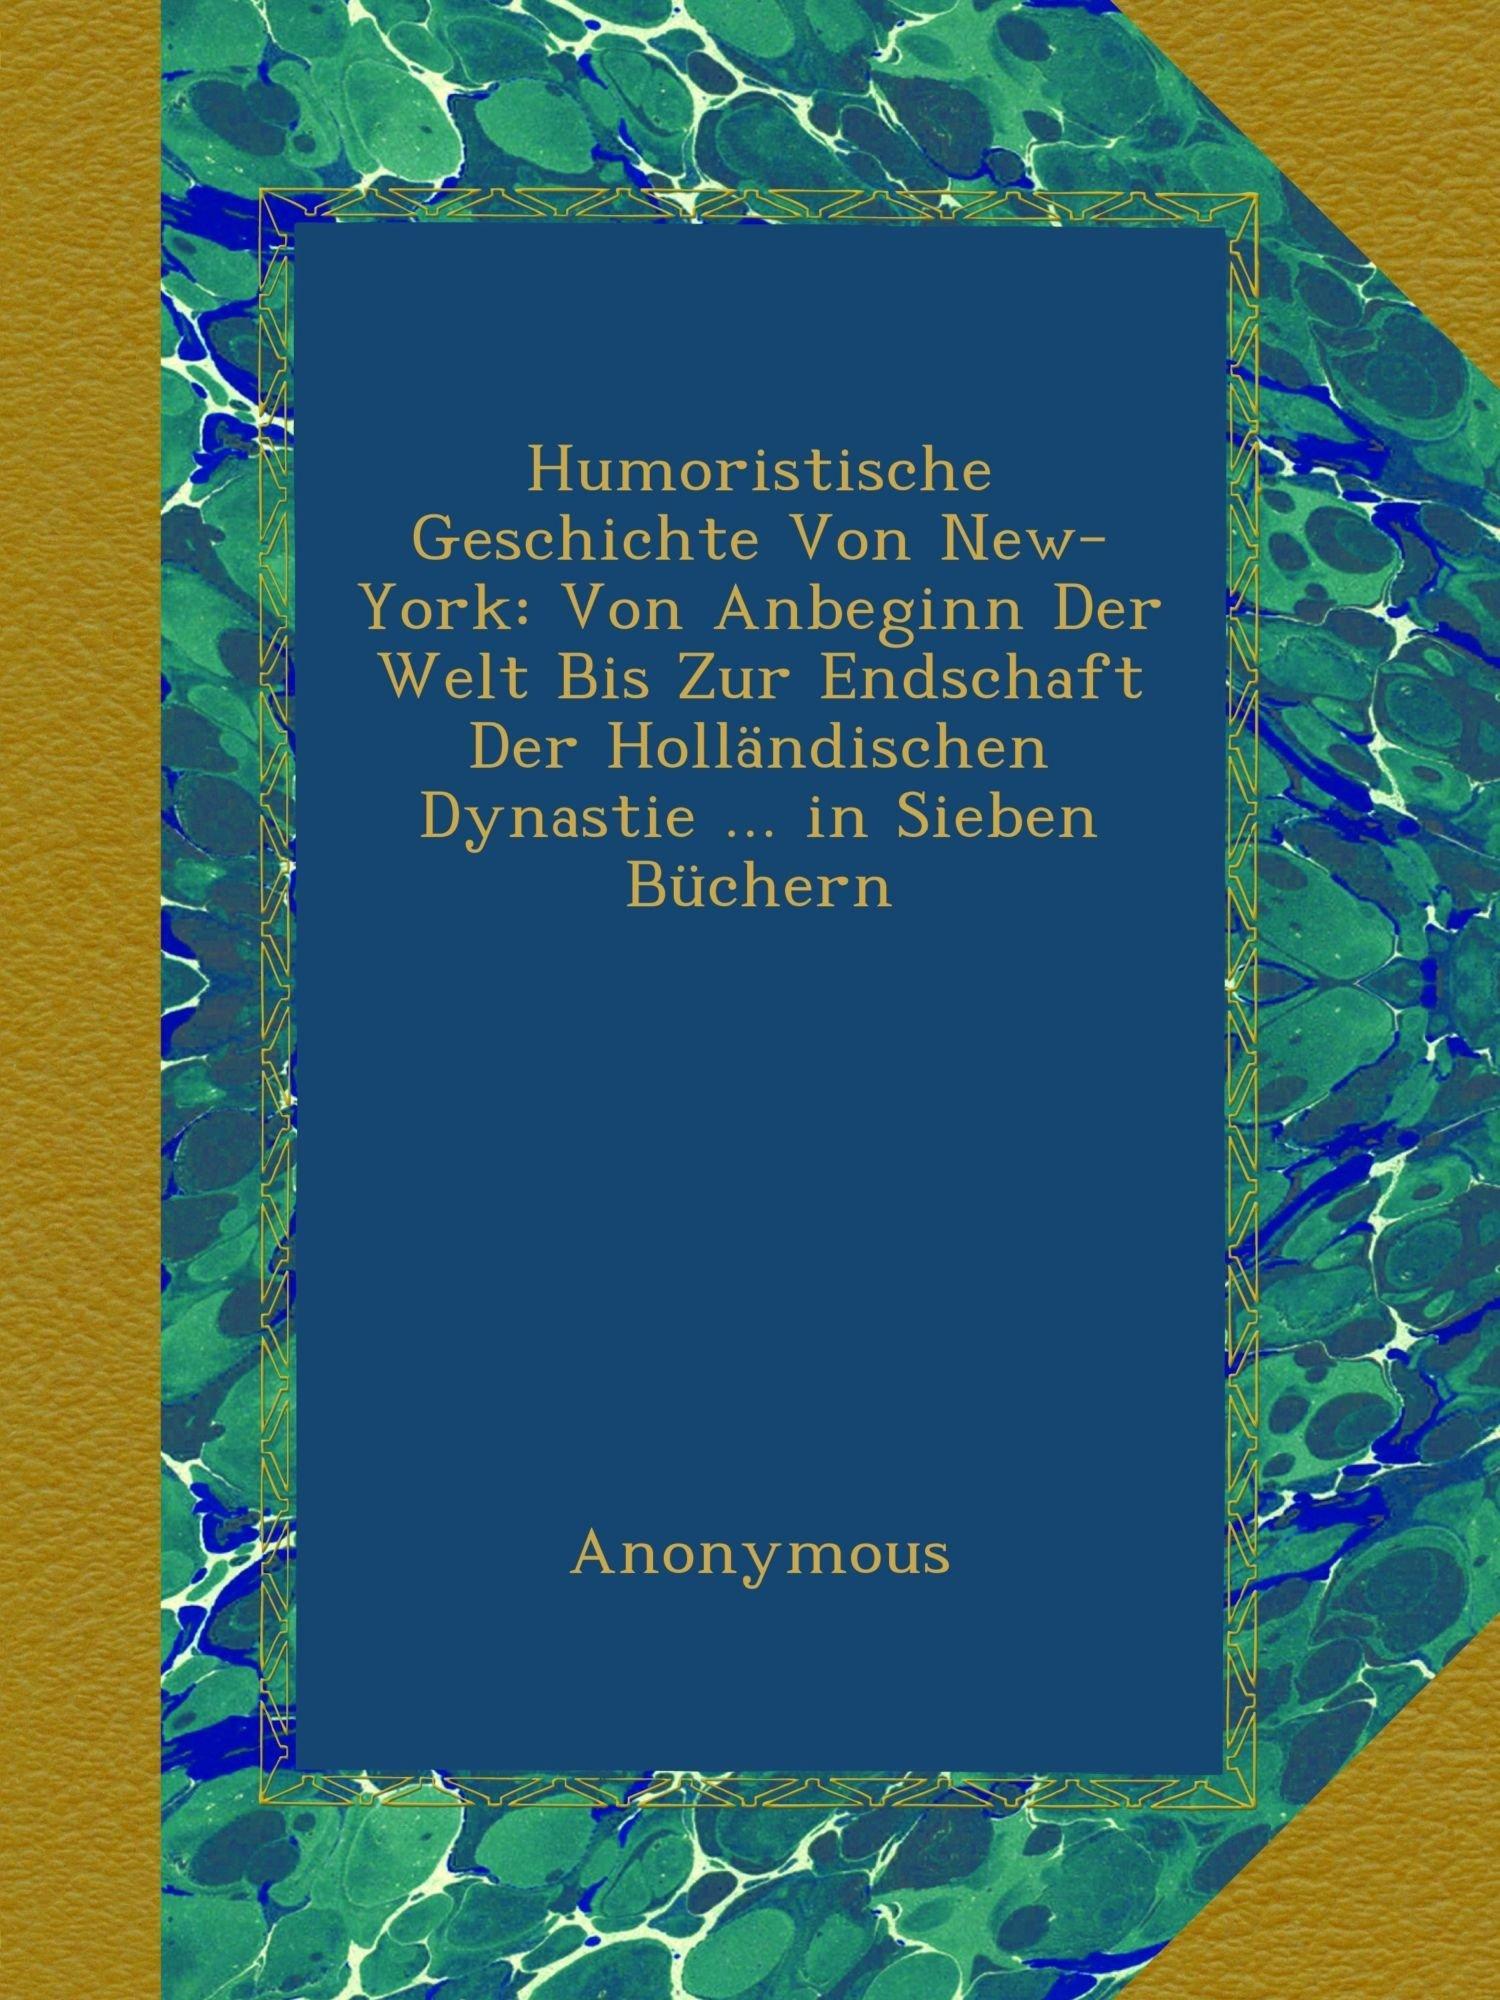 Download Humoristische Geschichte Von New-York: Von Anbeginn Der Welt Bis Zur Endschaft Der Holländischen Dynastie in Sieben Büchern (German Edition) ebook